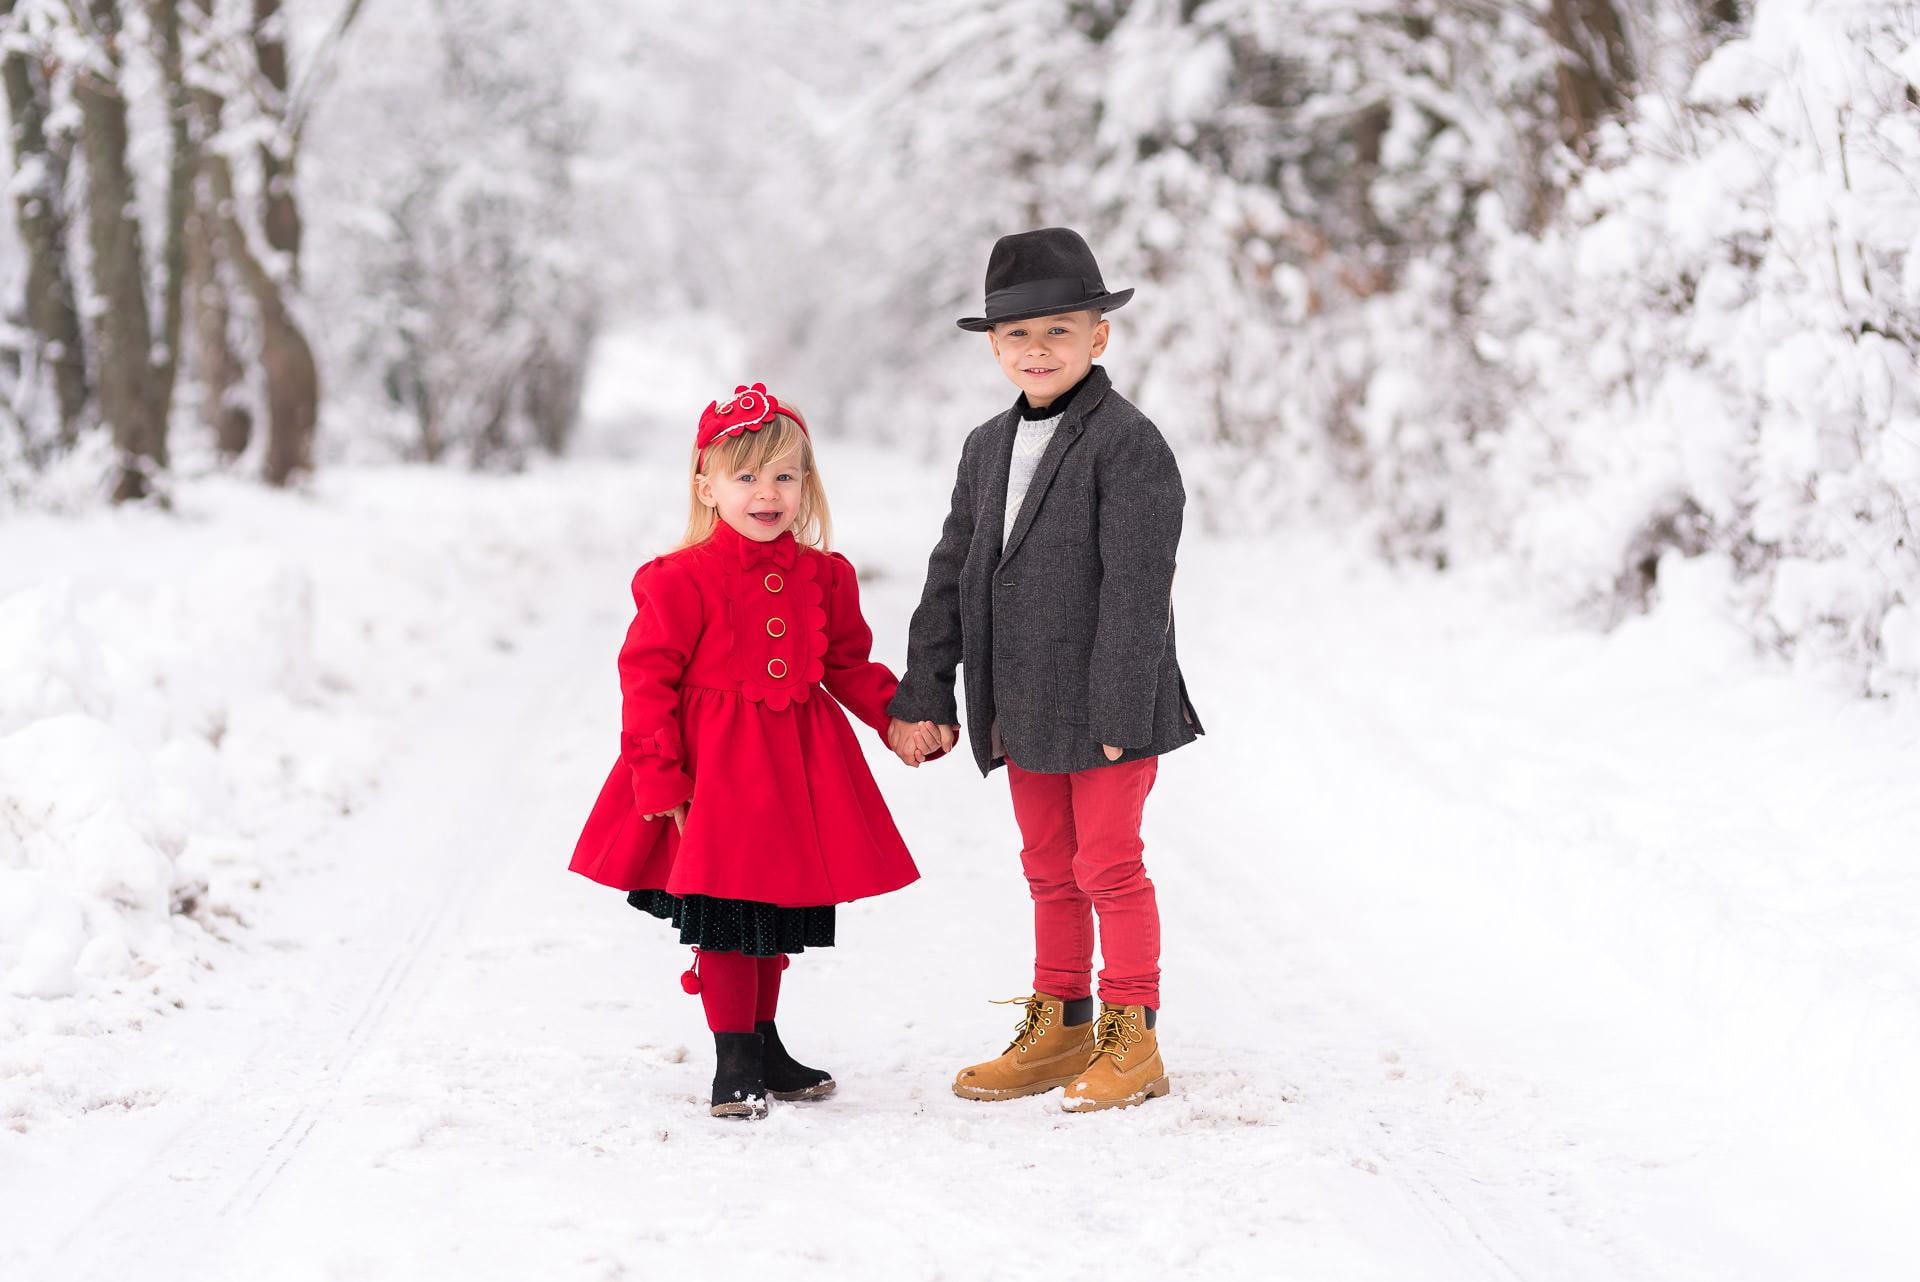 neige enfant photo